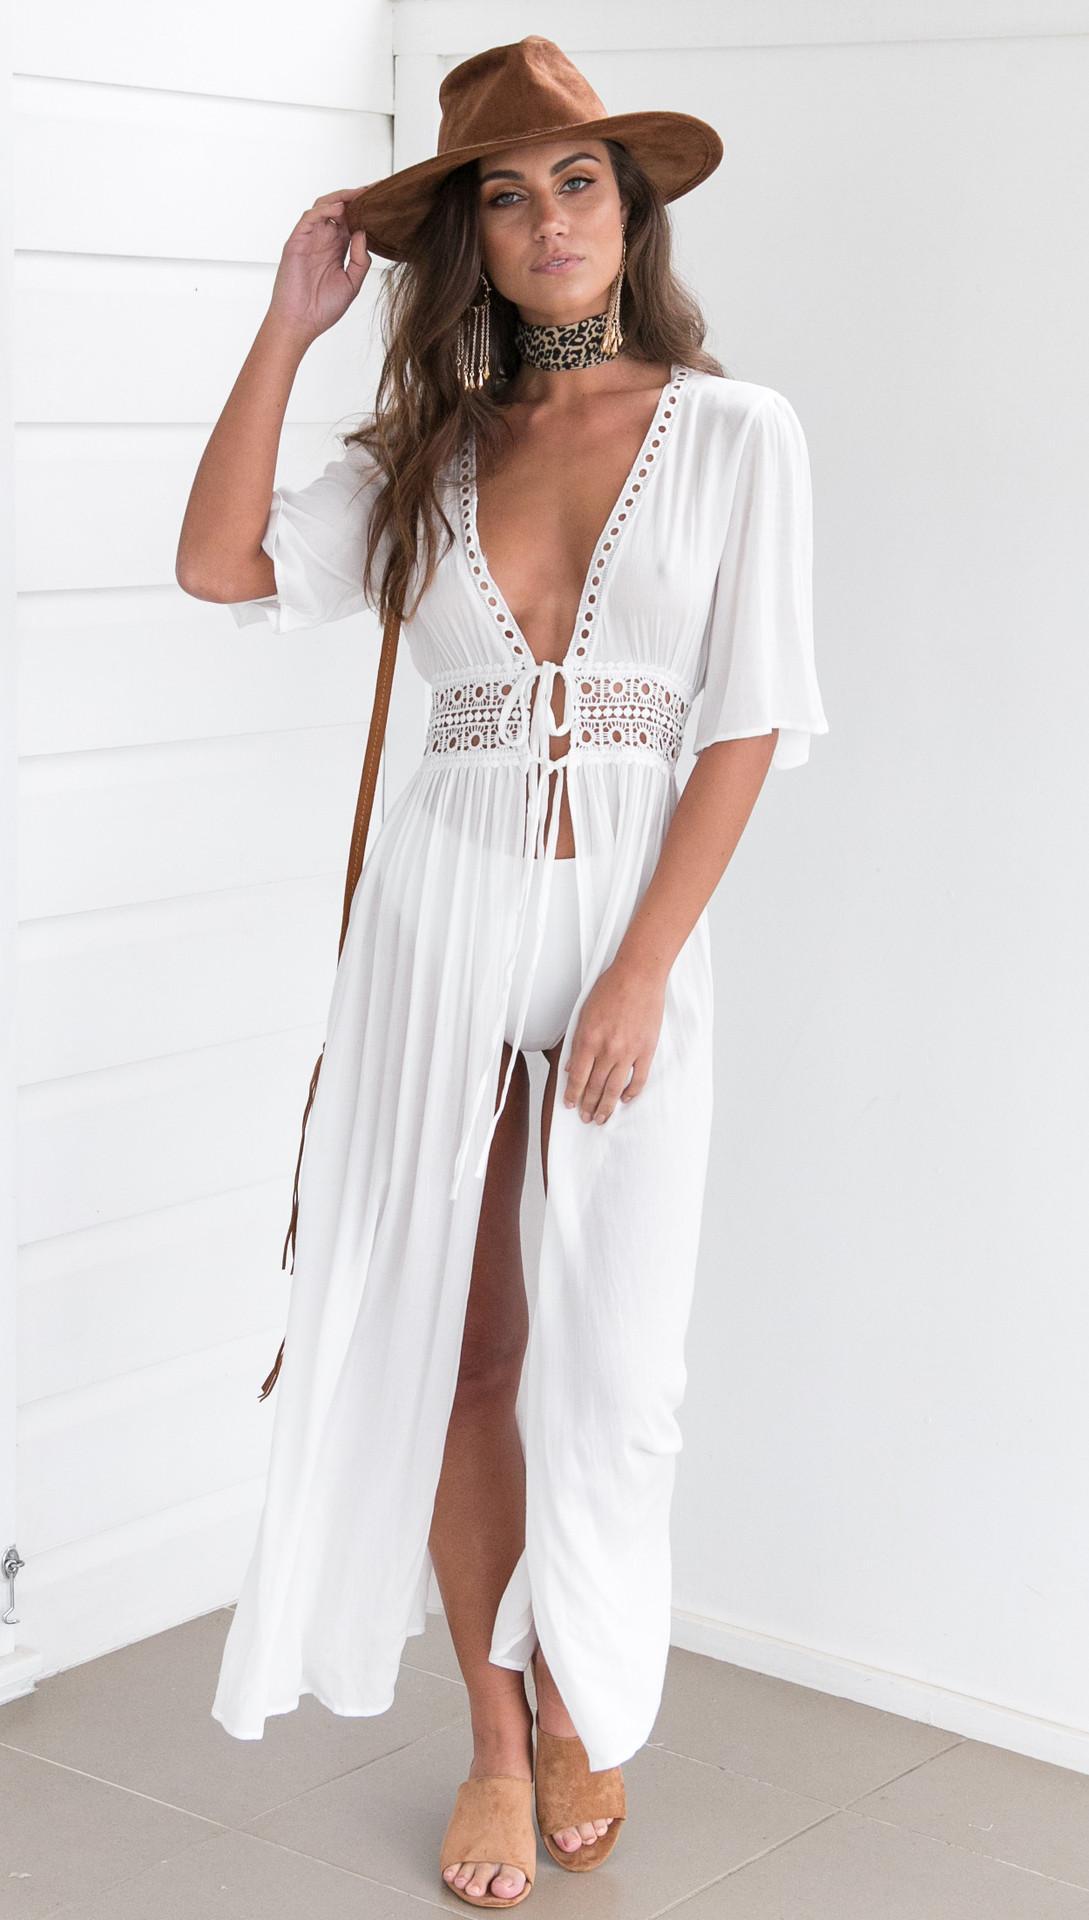 deff9f70a35aa Satın Al Kadınlar Için Beyaz Uzun Yaz Plaj Elbise Sulu Açık Derin V Yaka  Şeffaf Şifon Elbise Elbiseler Boho, $19.47 | DHgate.Com'da